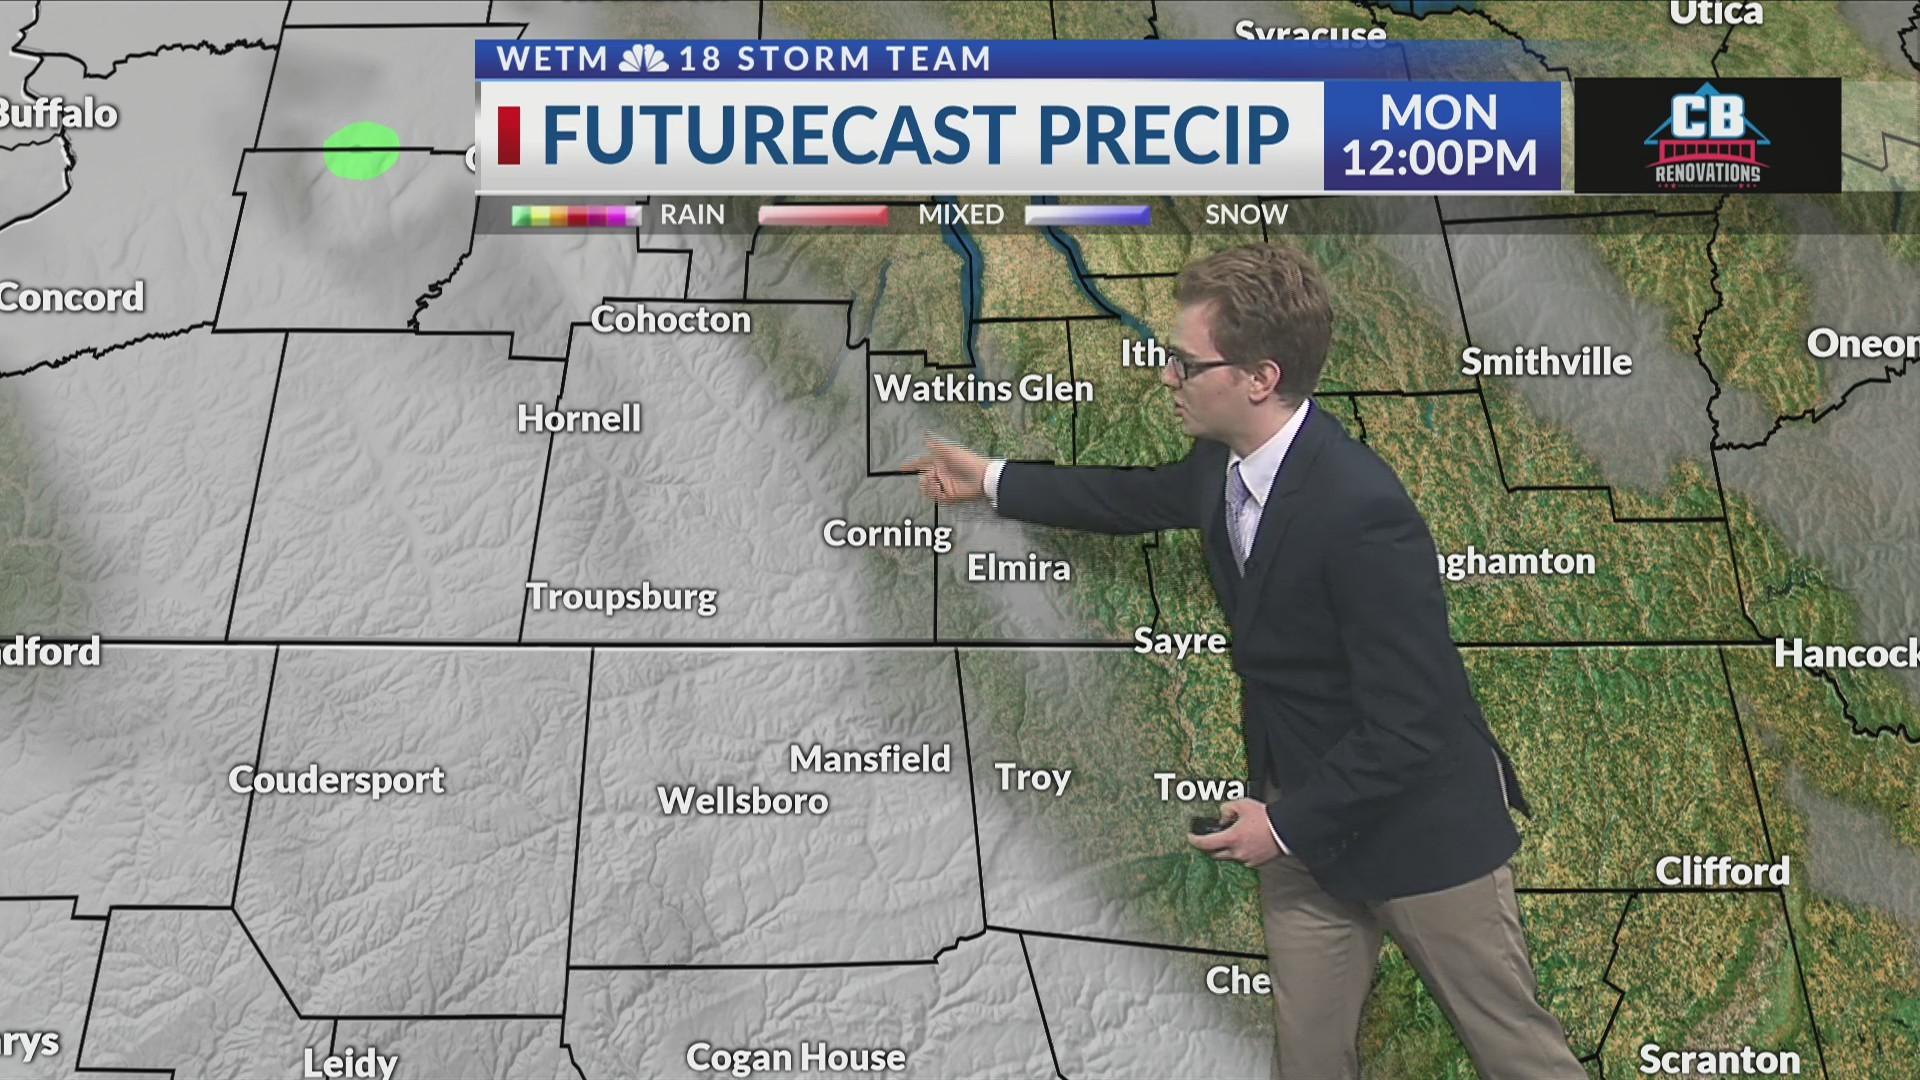 Sunday Morning's Forecast 6/23/19